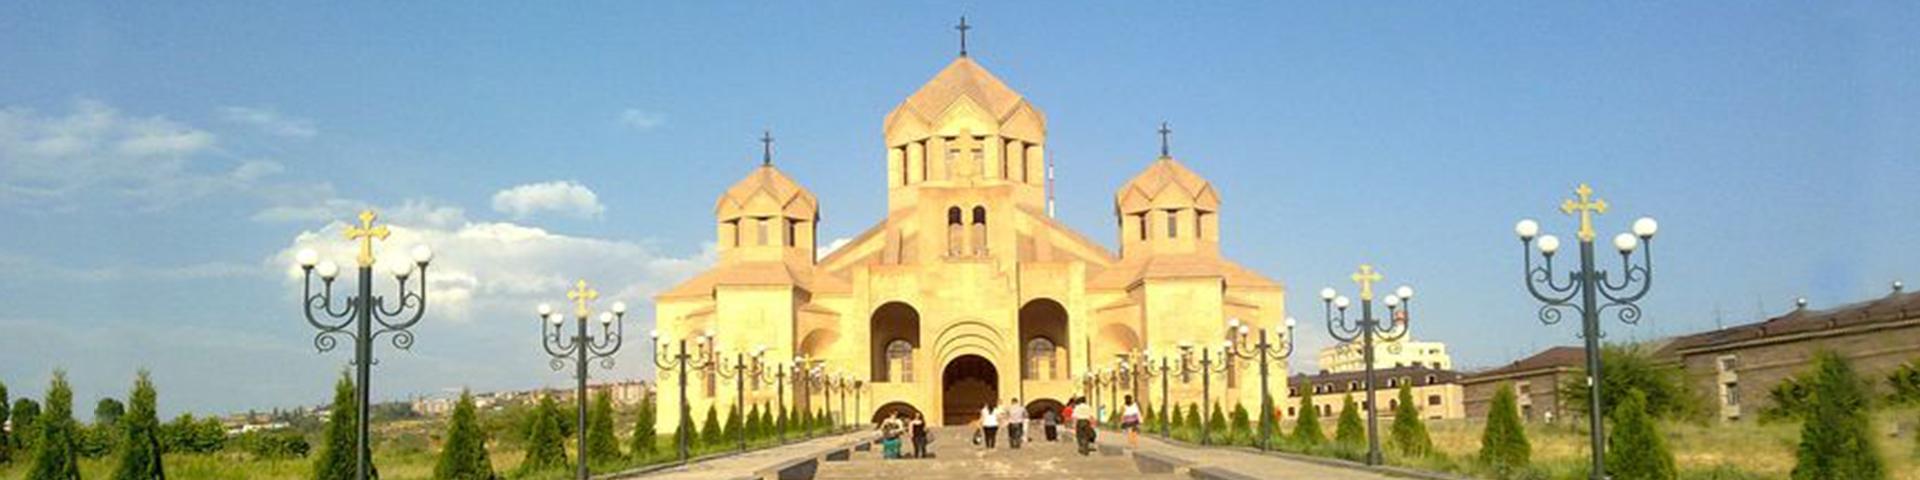 تورهای ارمنستان 1400